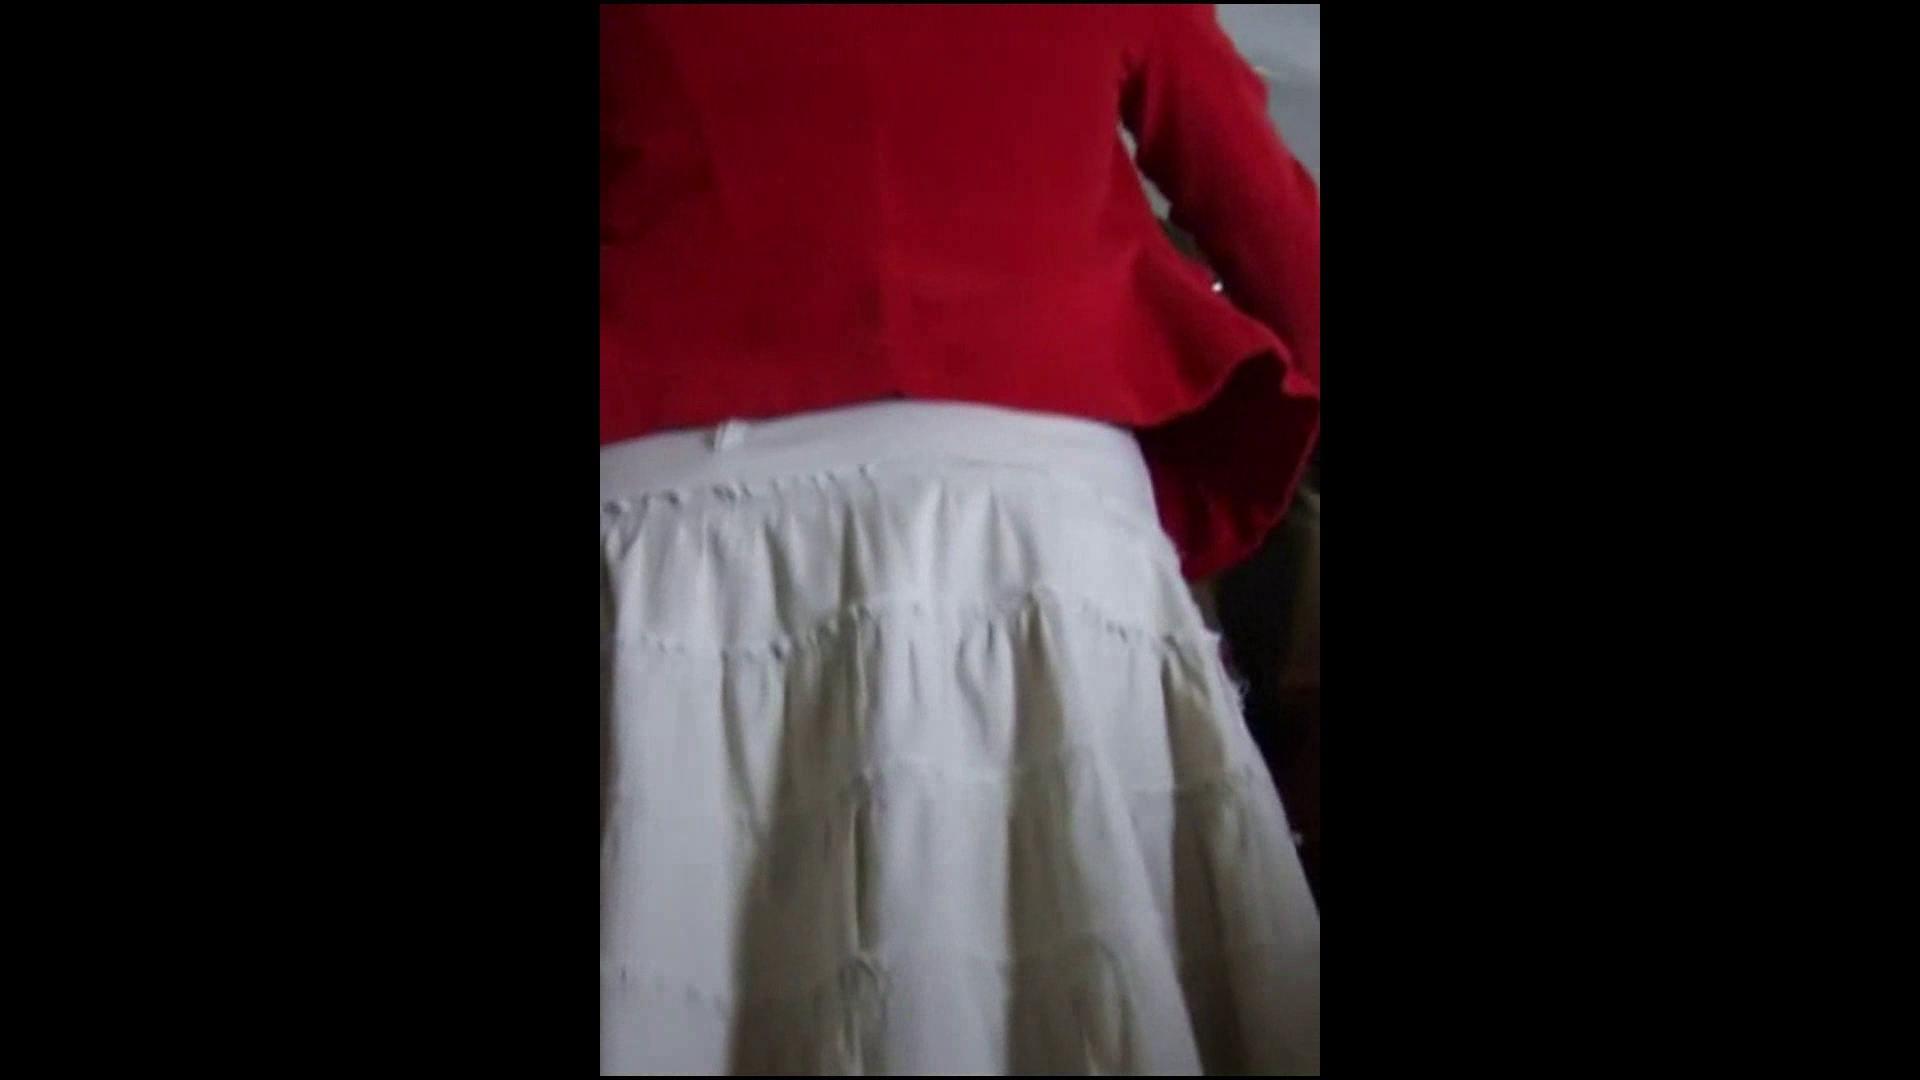 綺麗なモデルさんのスカート捲っちゃおう‼vol01 OLエロ画像  79PICs 58